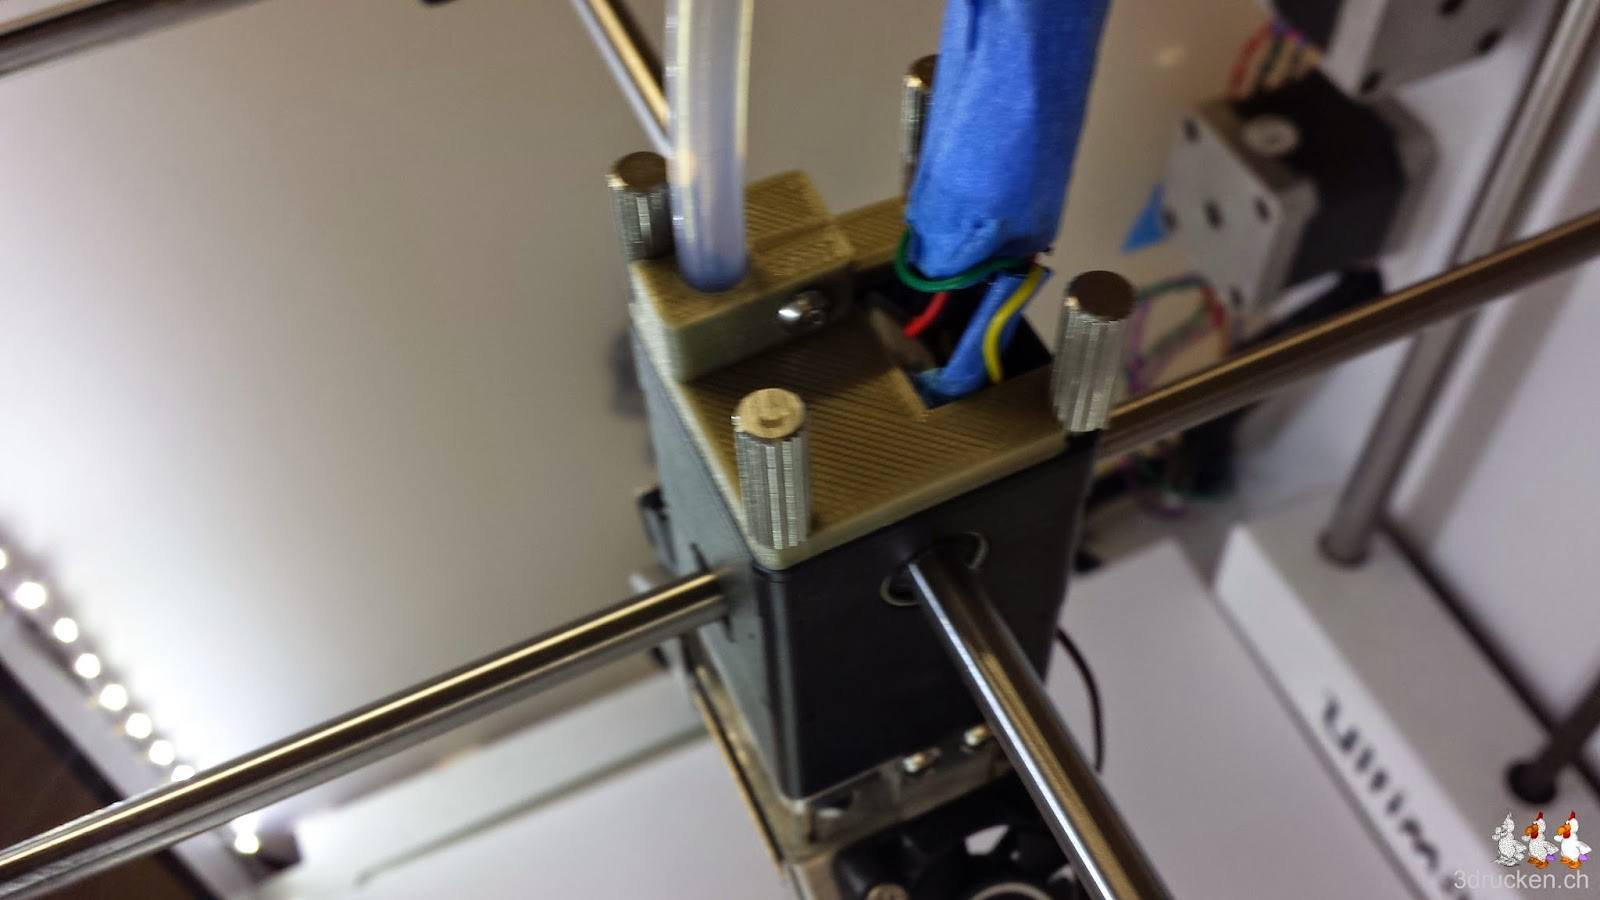 Foto der Oberseite des Druckkopfs des Ultimaker 2 von der Seite mit neu montiertem Bowden Tube Halter